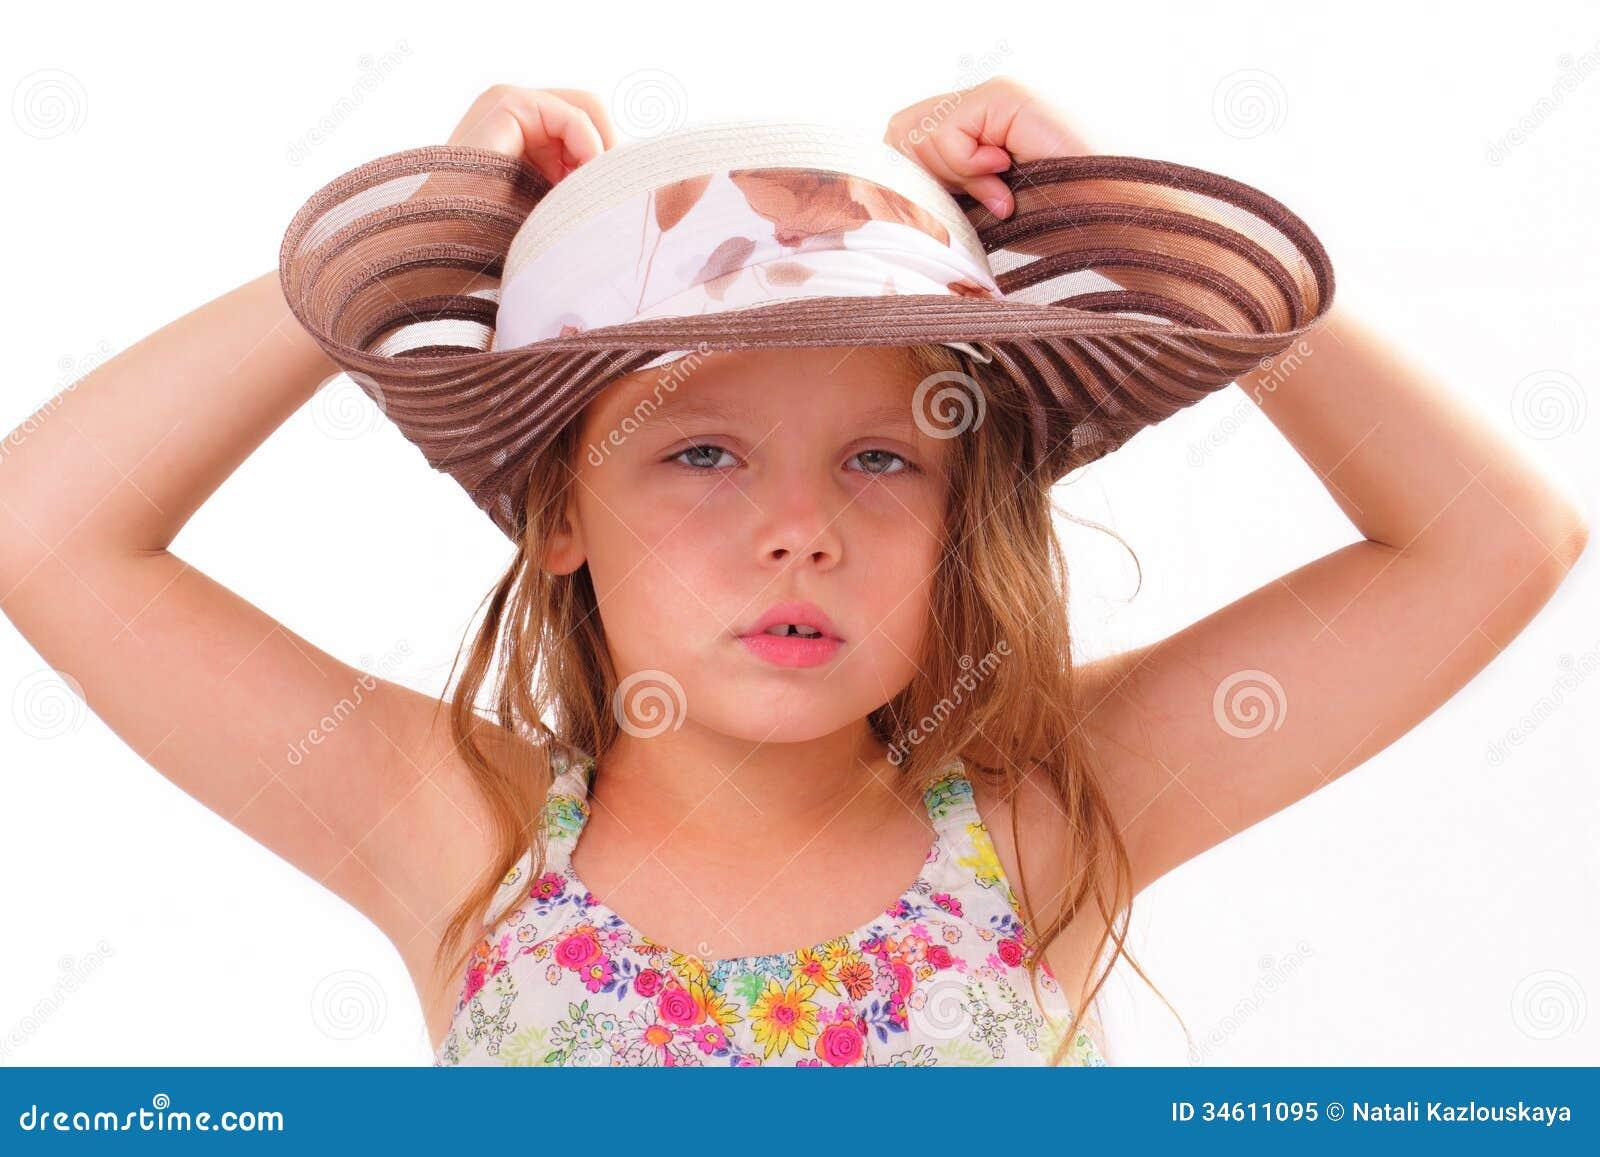 相当一个大帽子的小女孩